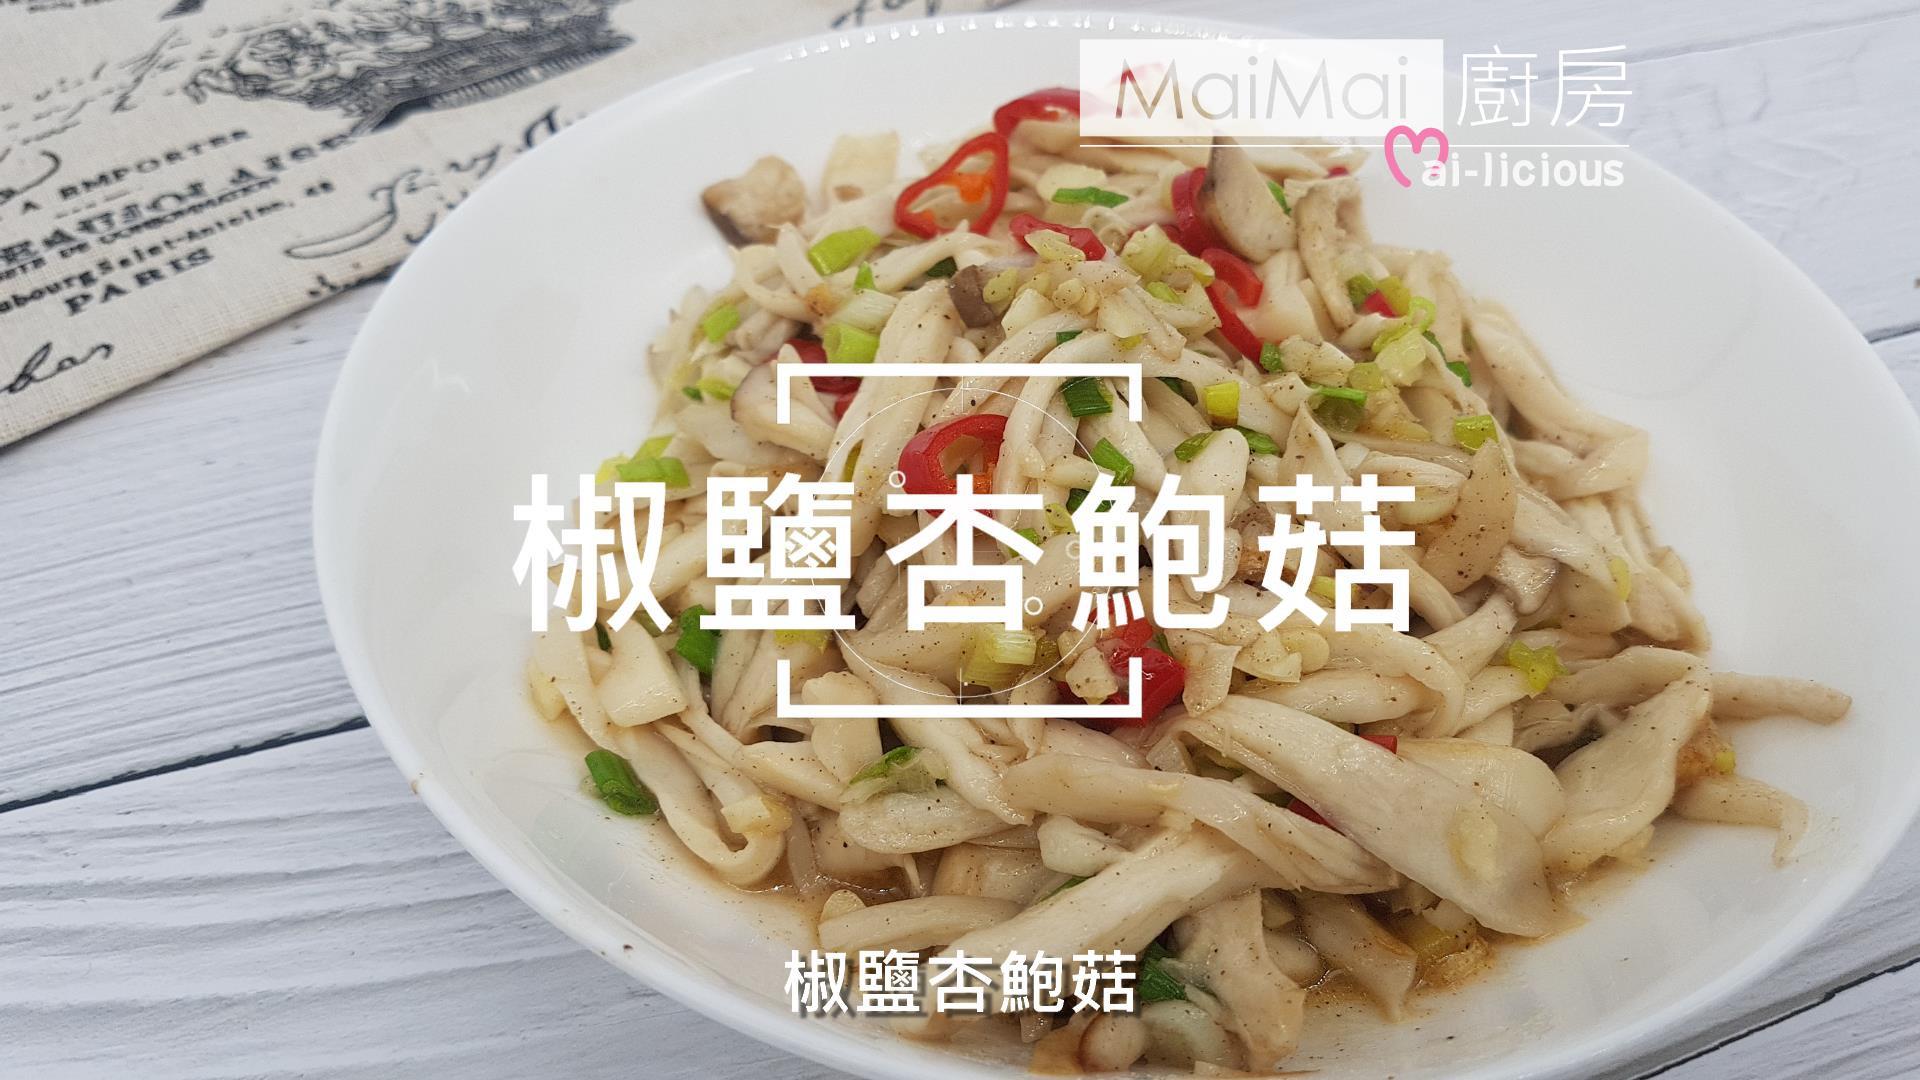 椒鹽杏鮑菇【MaiMai廚房】